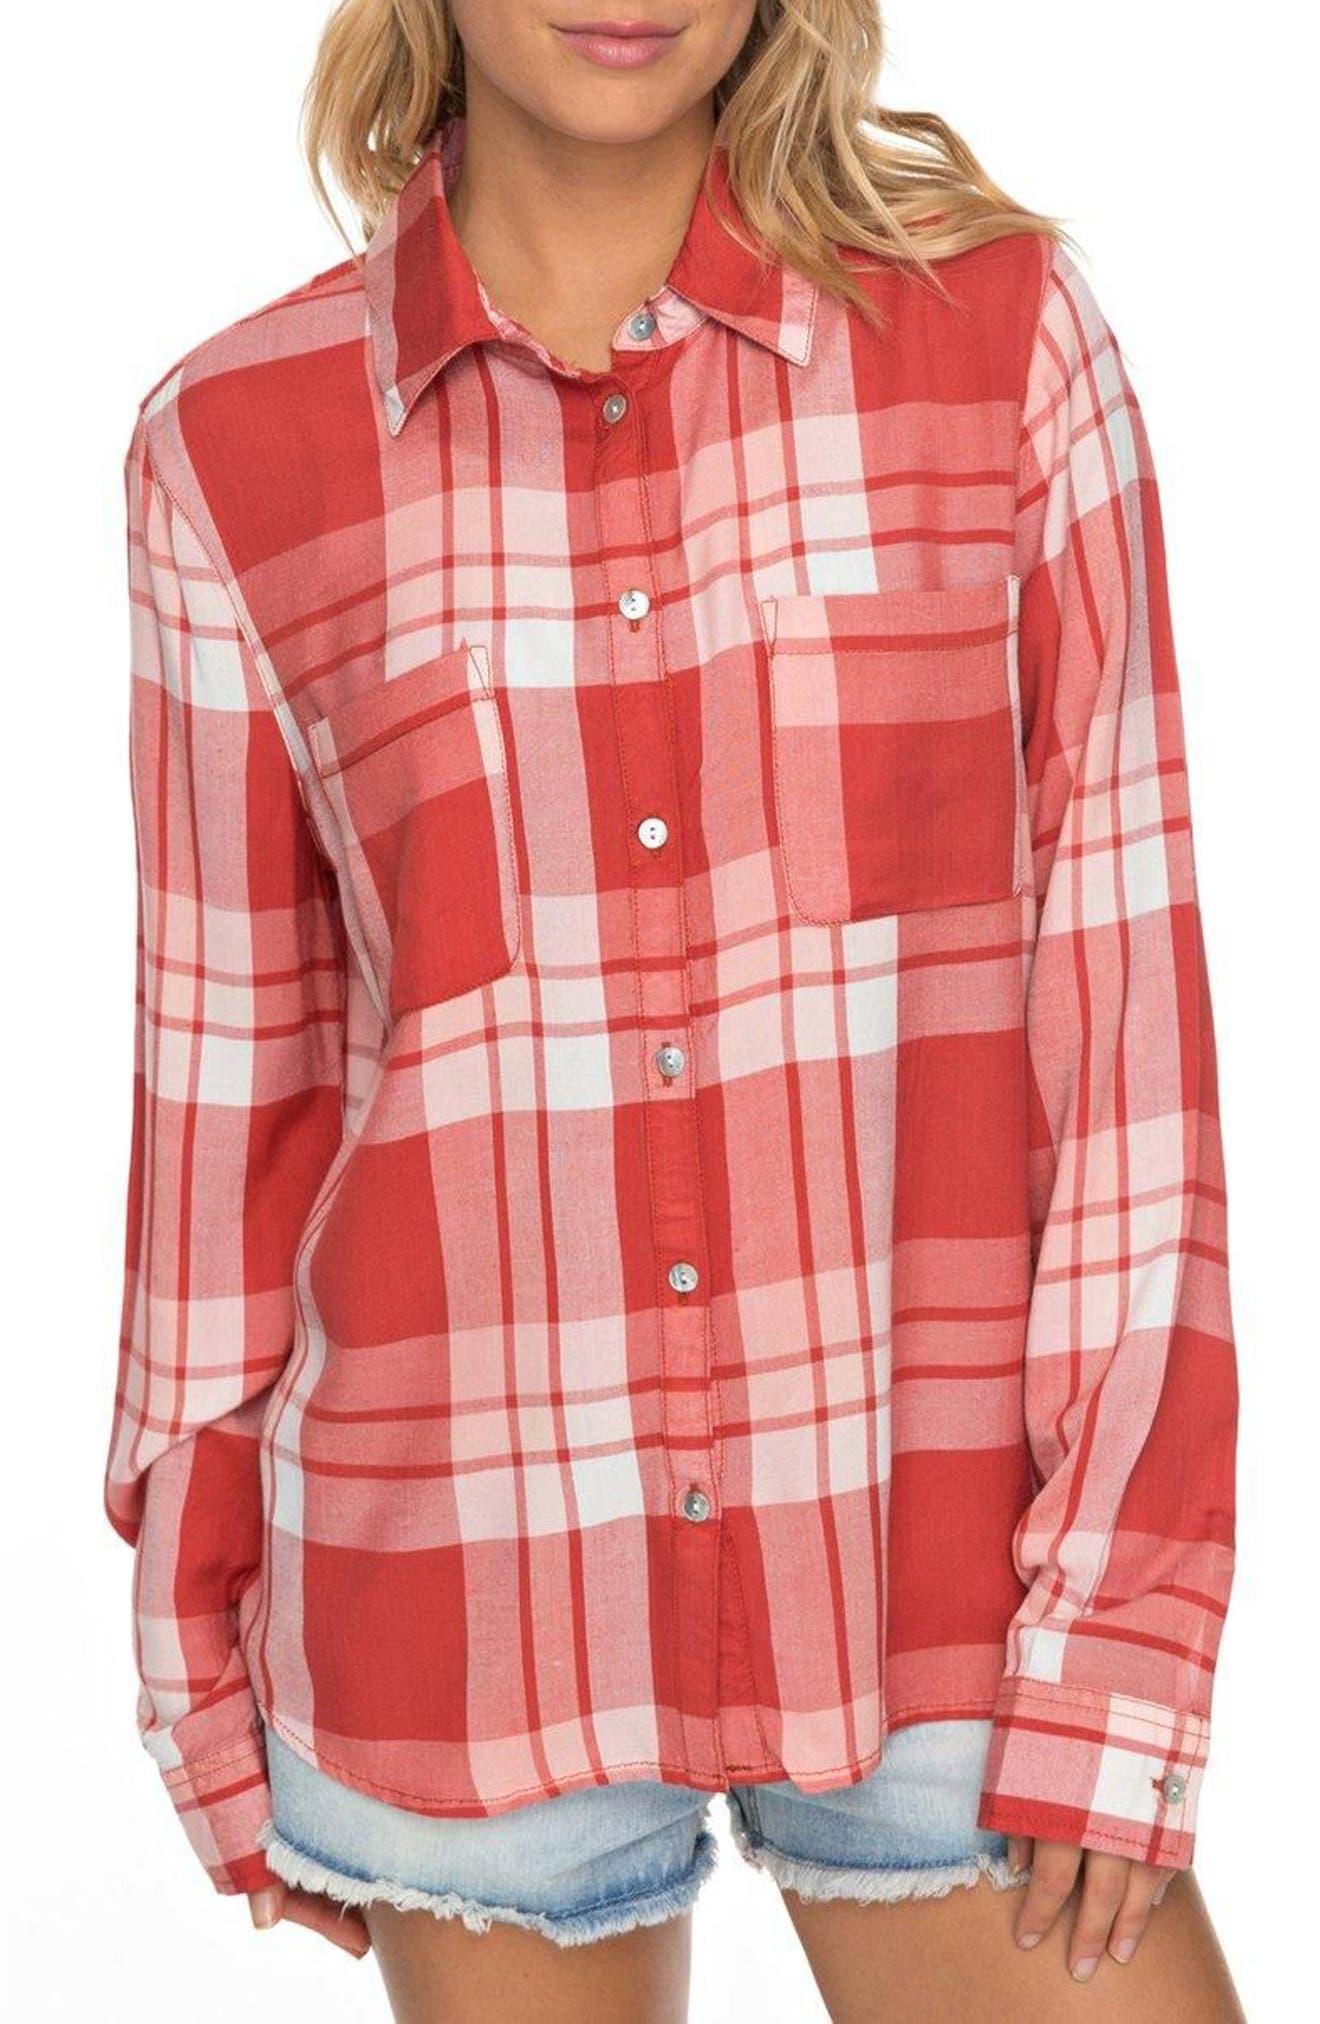 Roxy Setai Miami Plaid Shirt